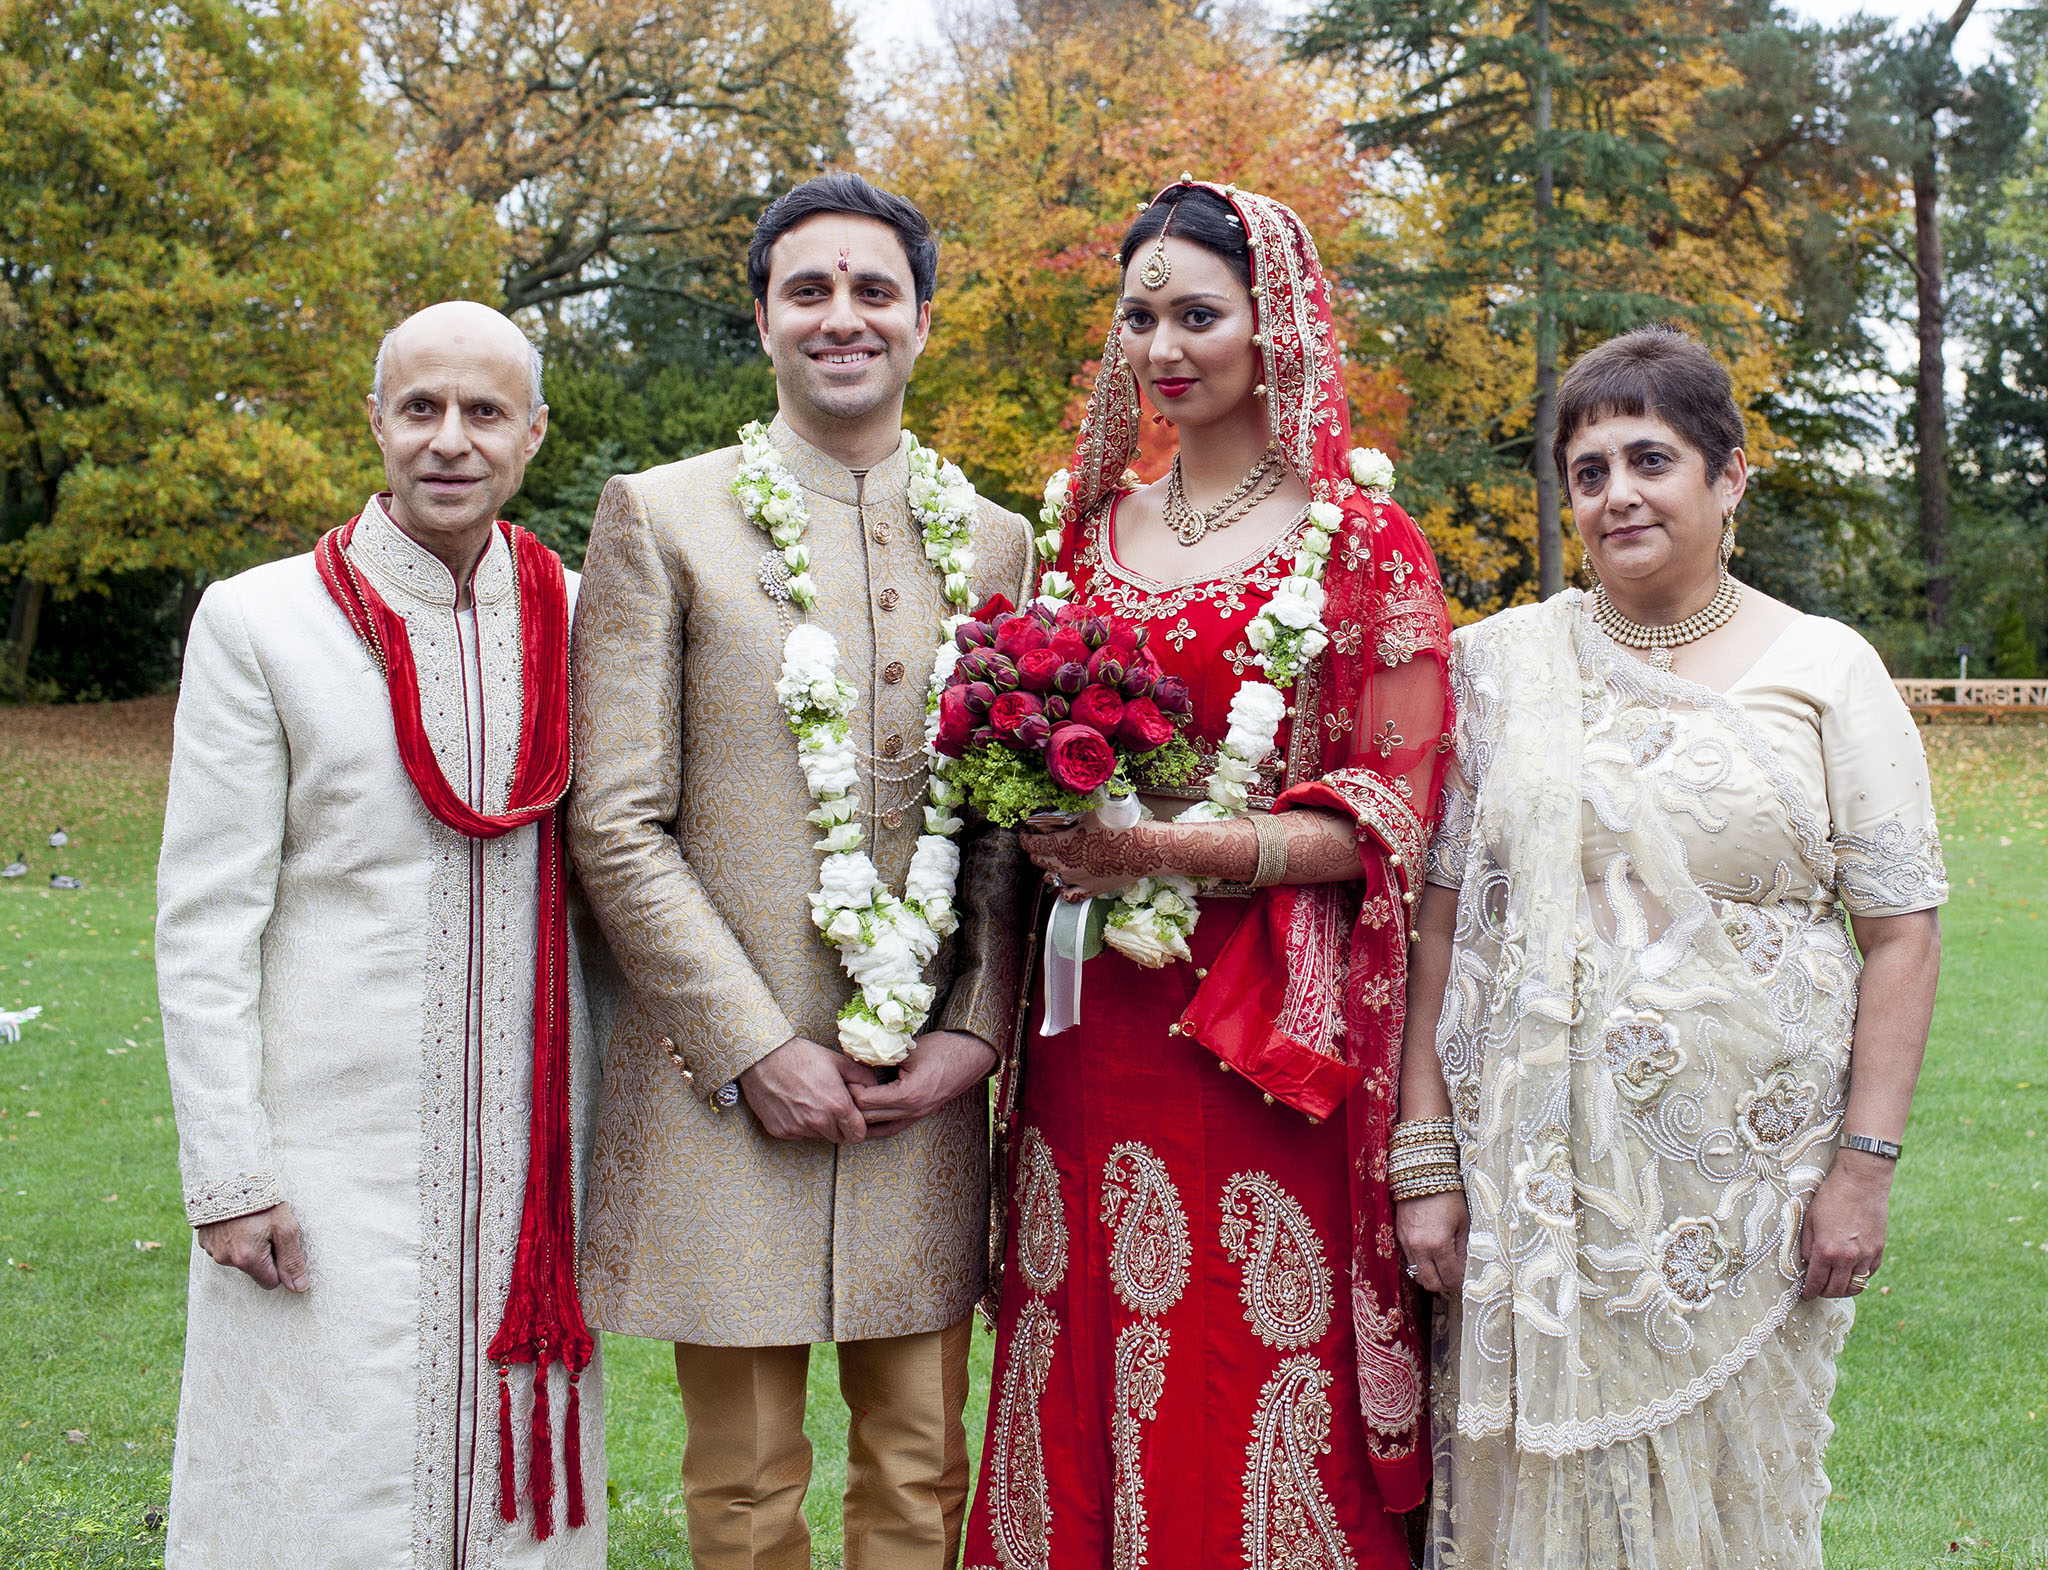 elizabethgphotography_kingslangley_hertfordshire_fineart_indian_wedding_photography_bhavesh_kundalata_bhaktivedanta_manor_watford_jpg53.jpg